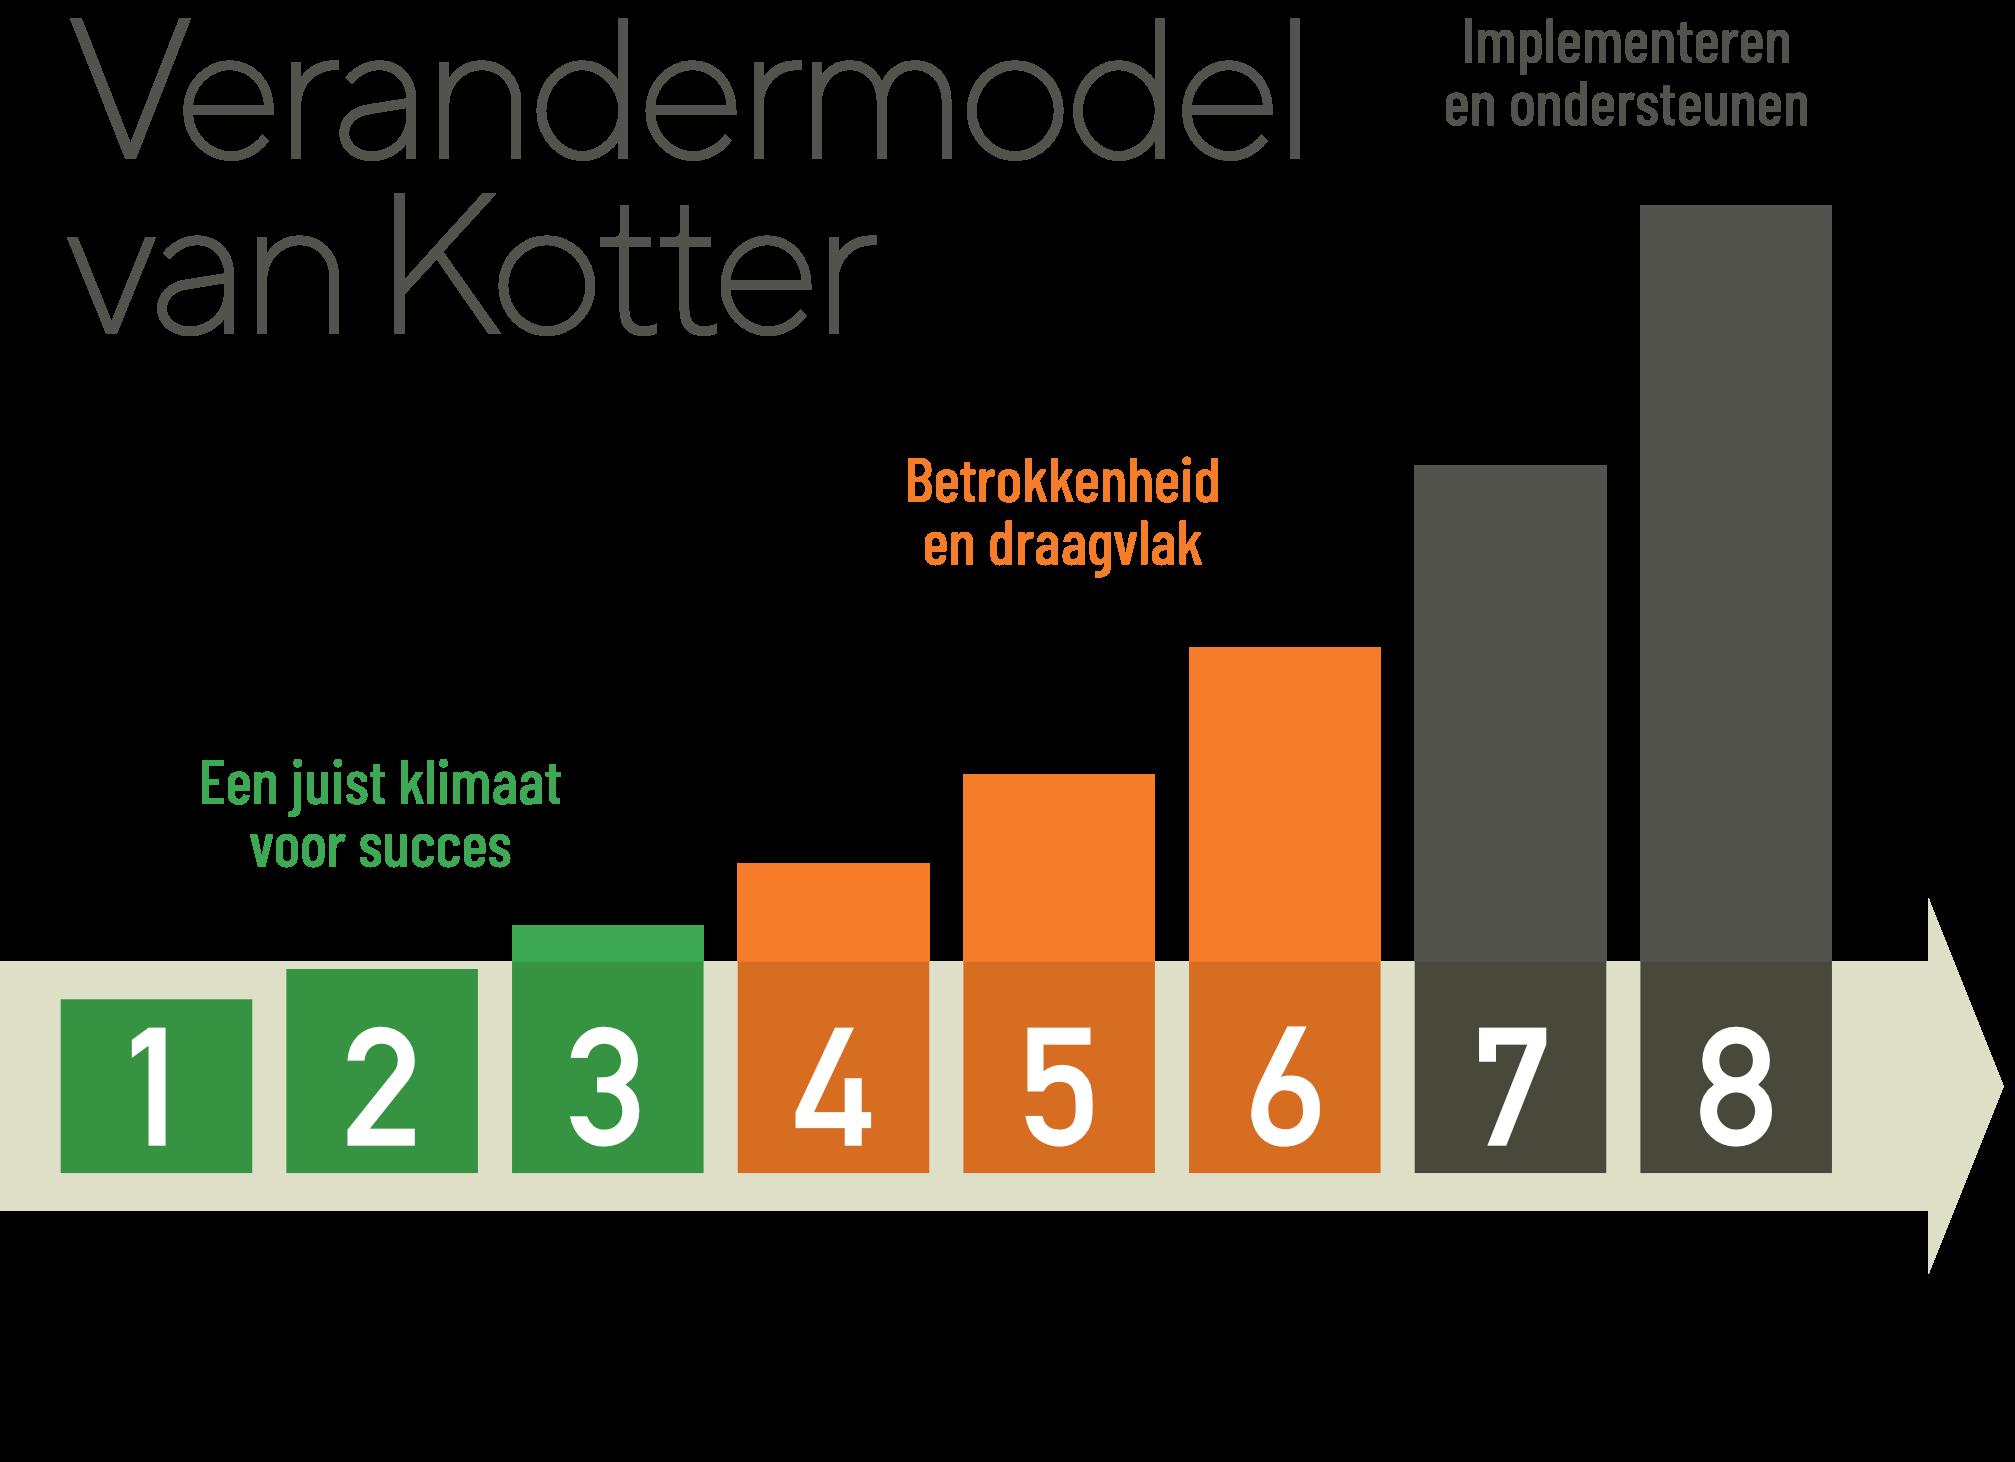 Verandermodel van Kotter